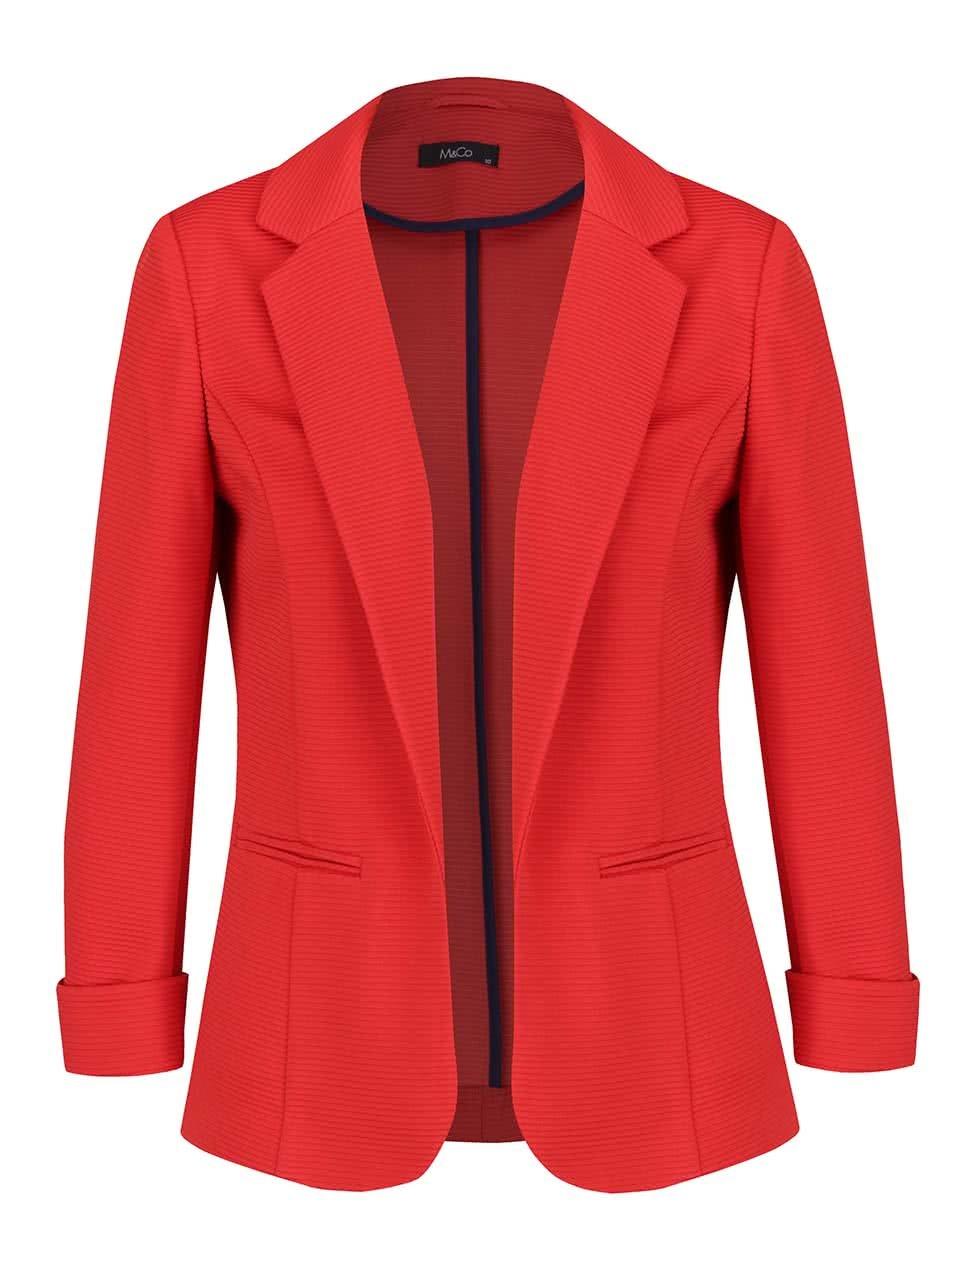 Červené dámské sako M&Co